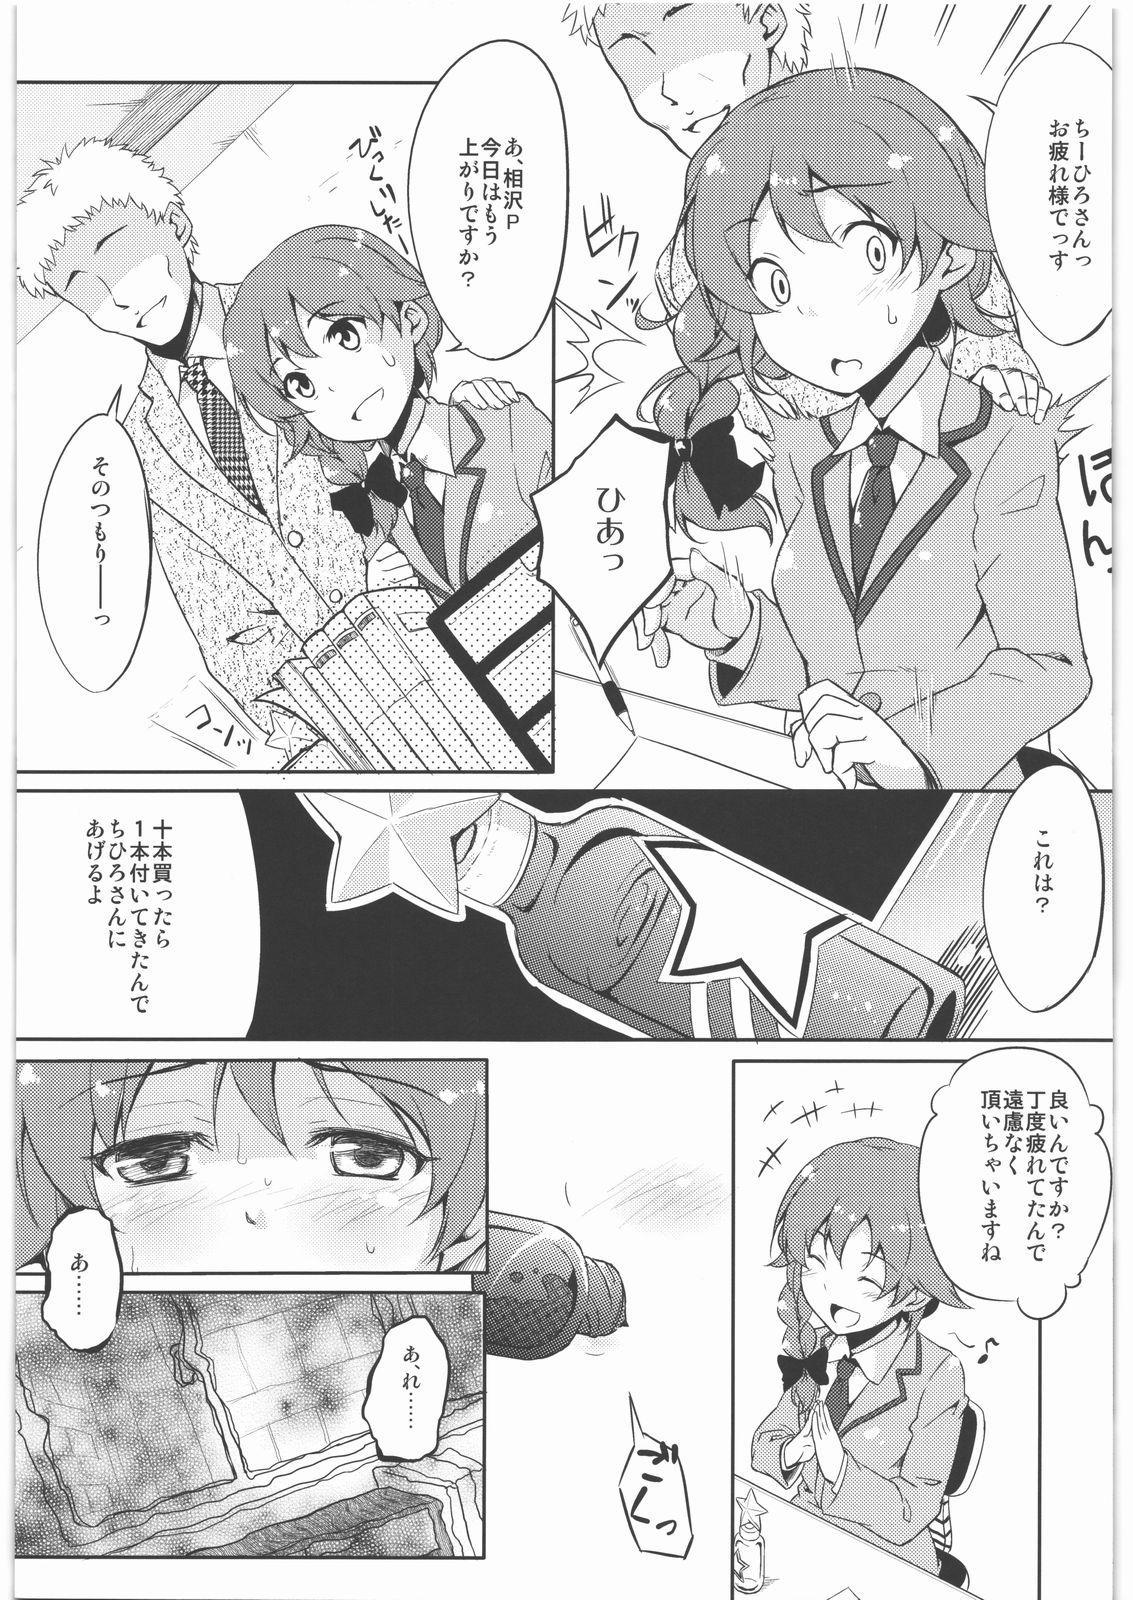 Hidoi yo Chihiro-san 5